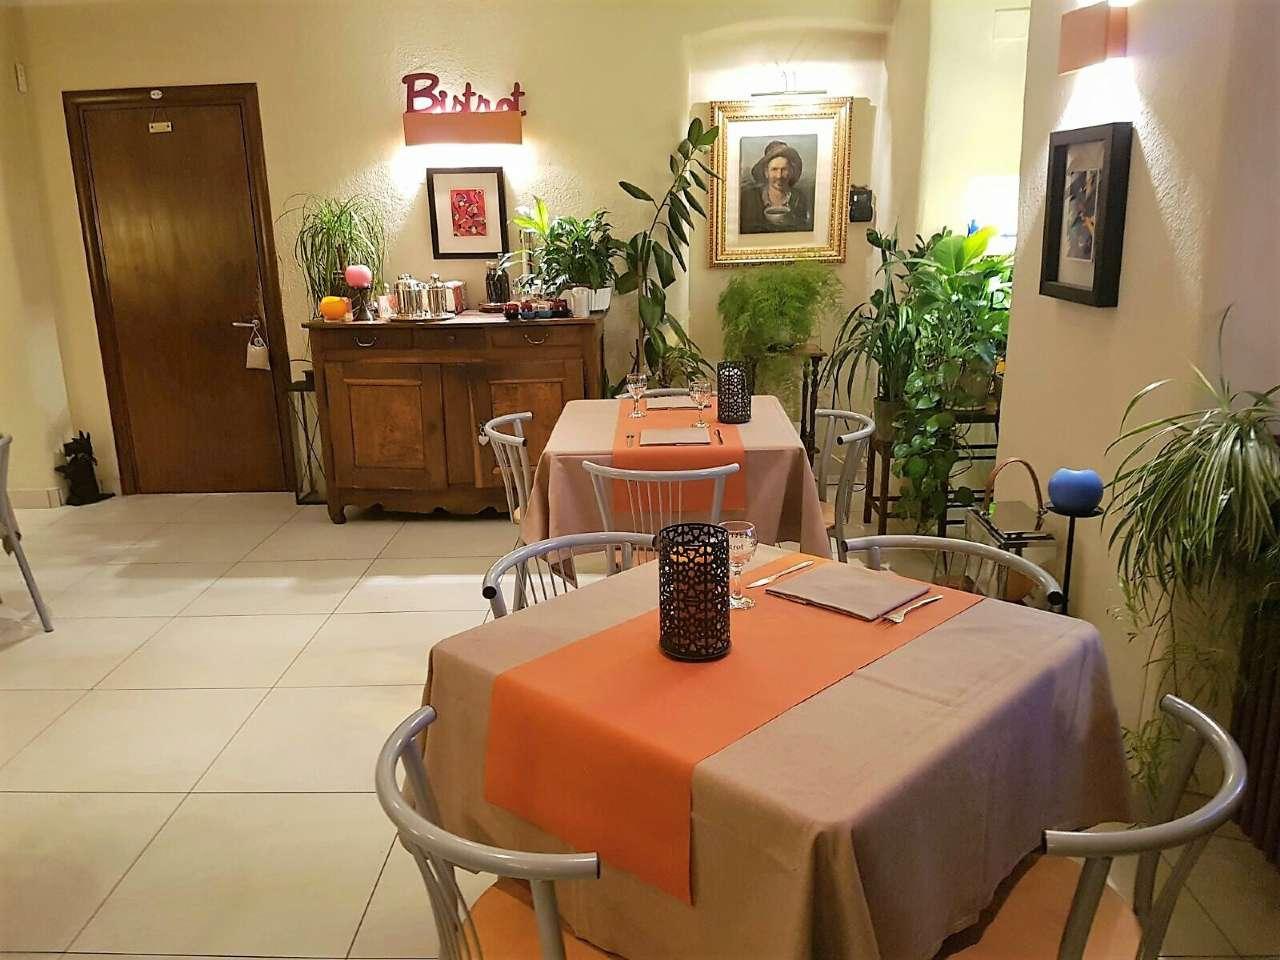 Ristorante / Pizzeria / Trattoria in vendita a Aosta, 3 locali, prezzo € 180.000 | CambioCasa.it